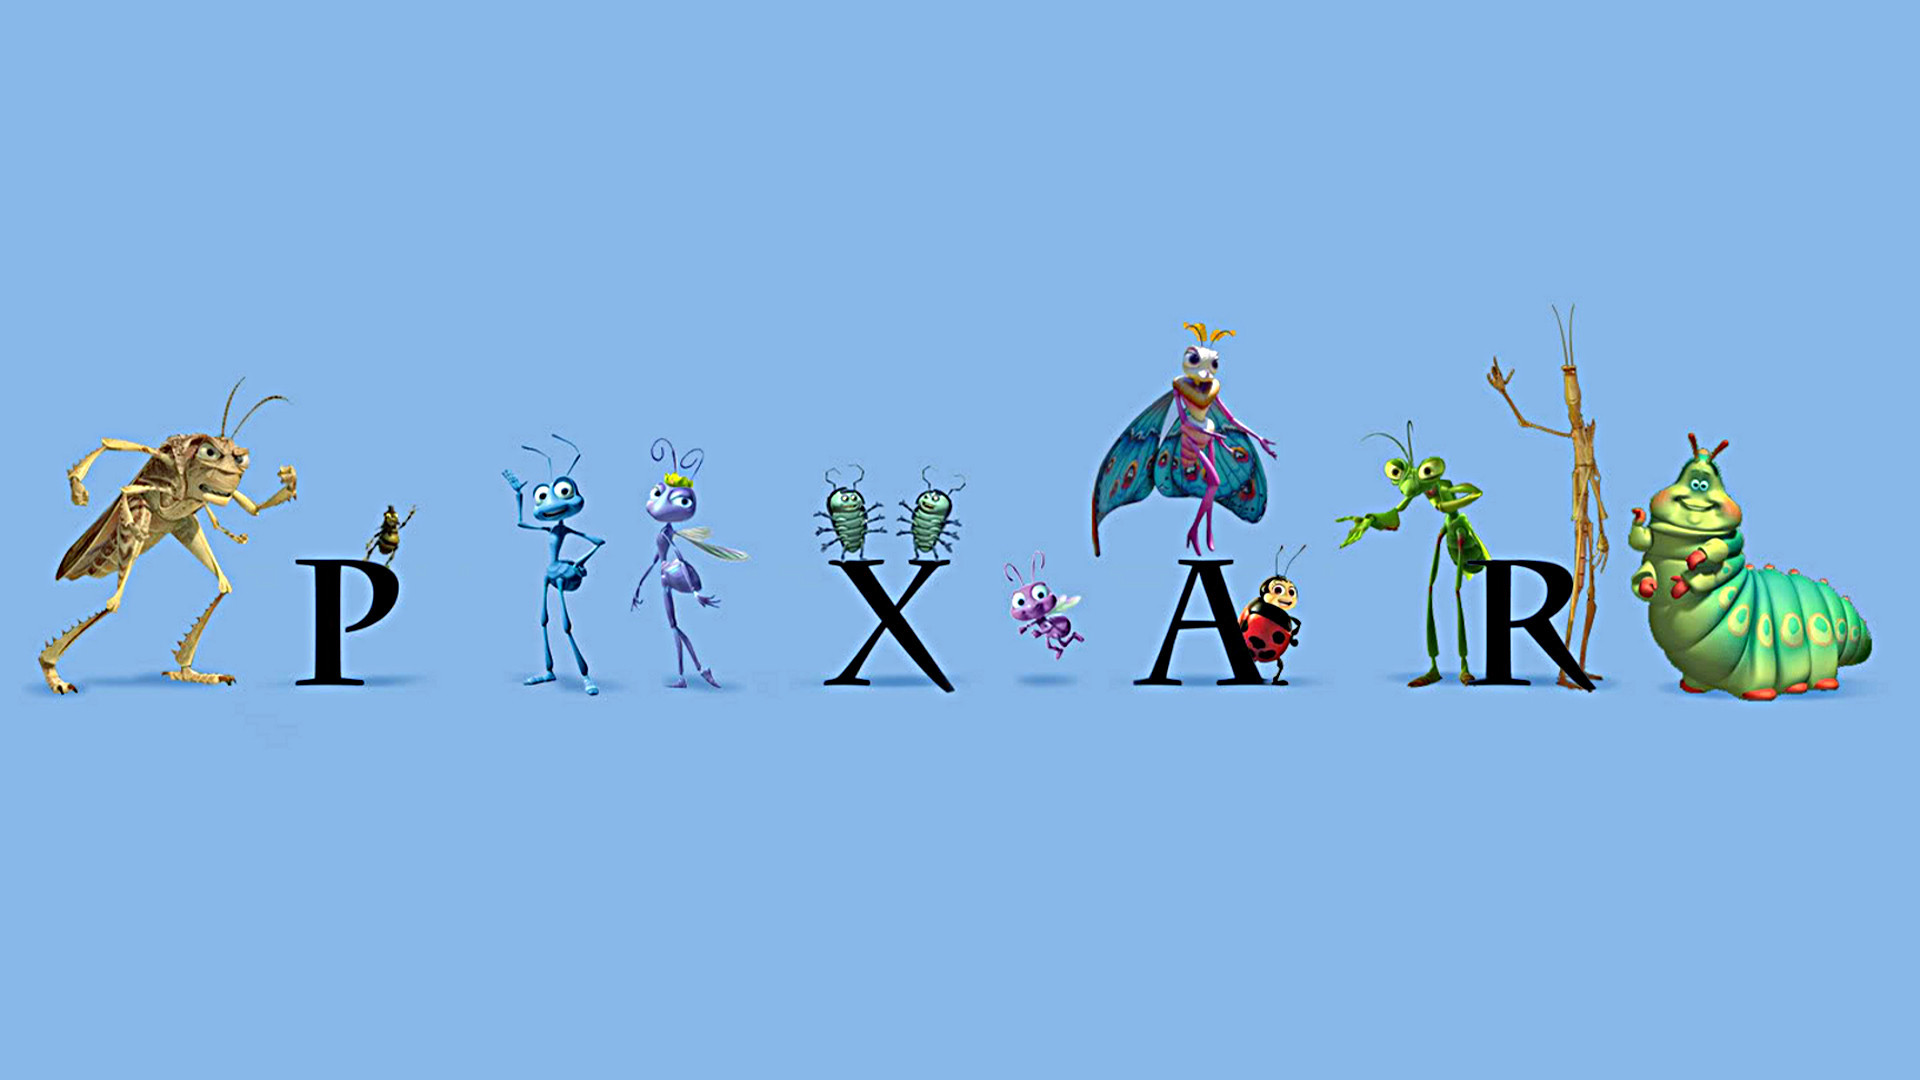 クールピクチャーコレクション キャラクター 画像 高 画質